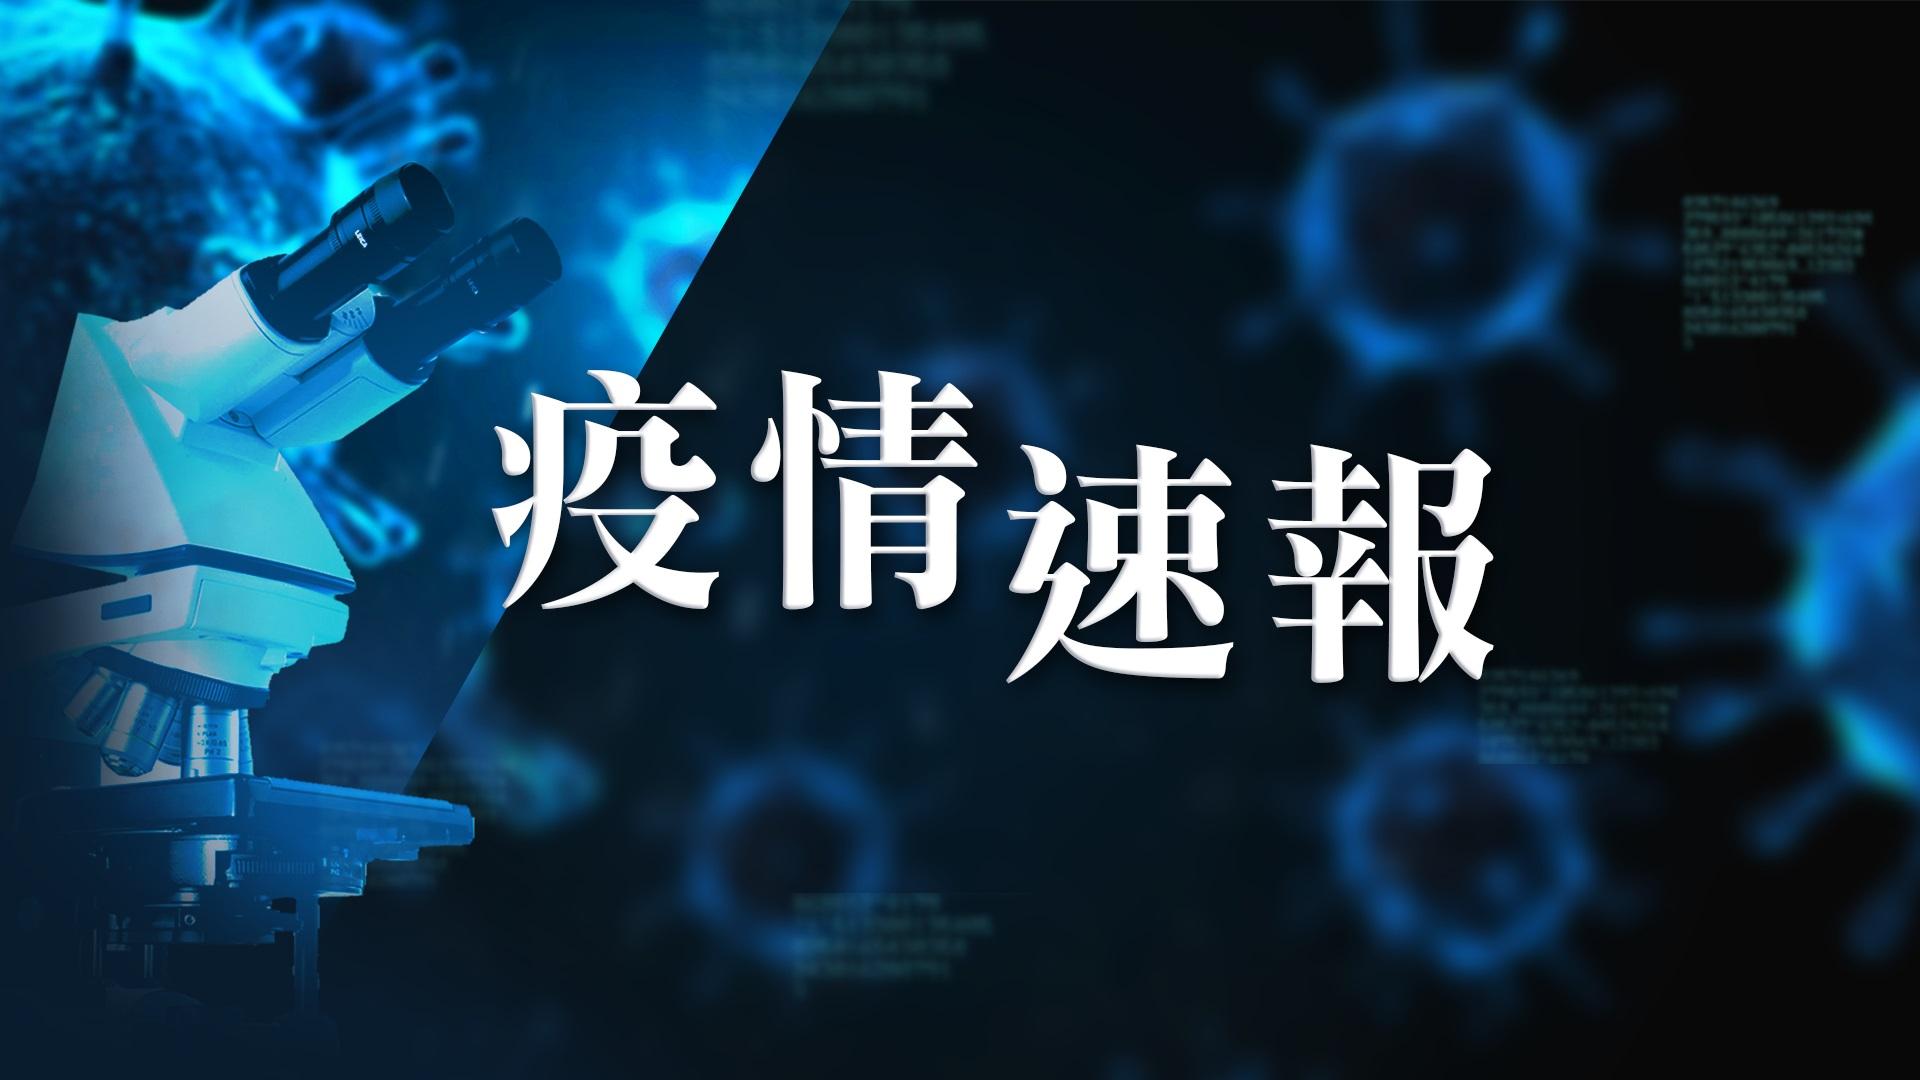 【6月6日疫情速報】(16:10)